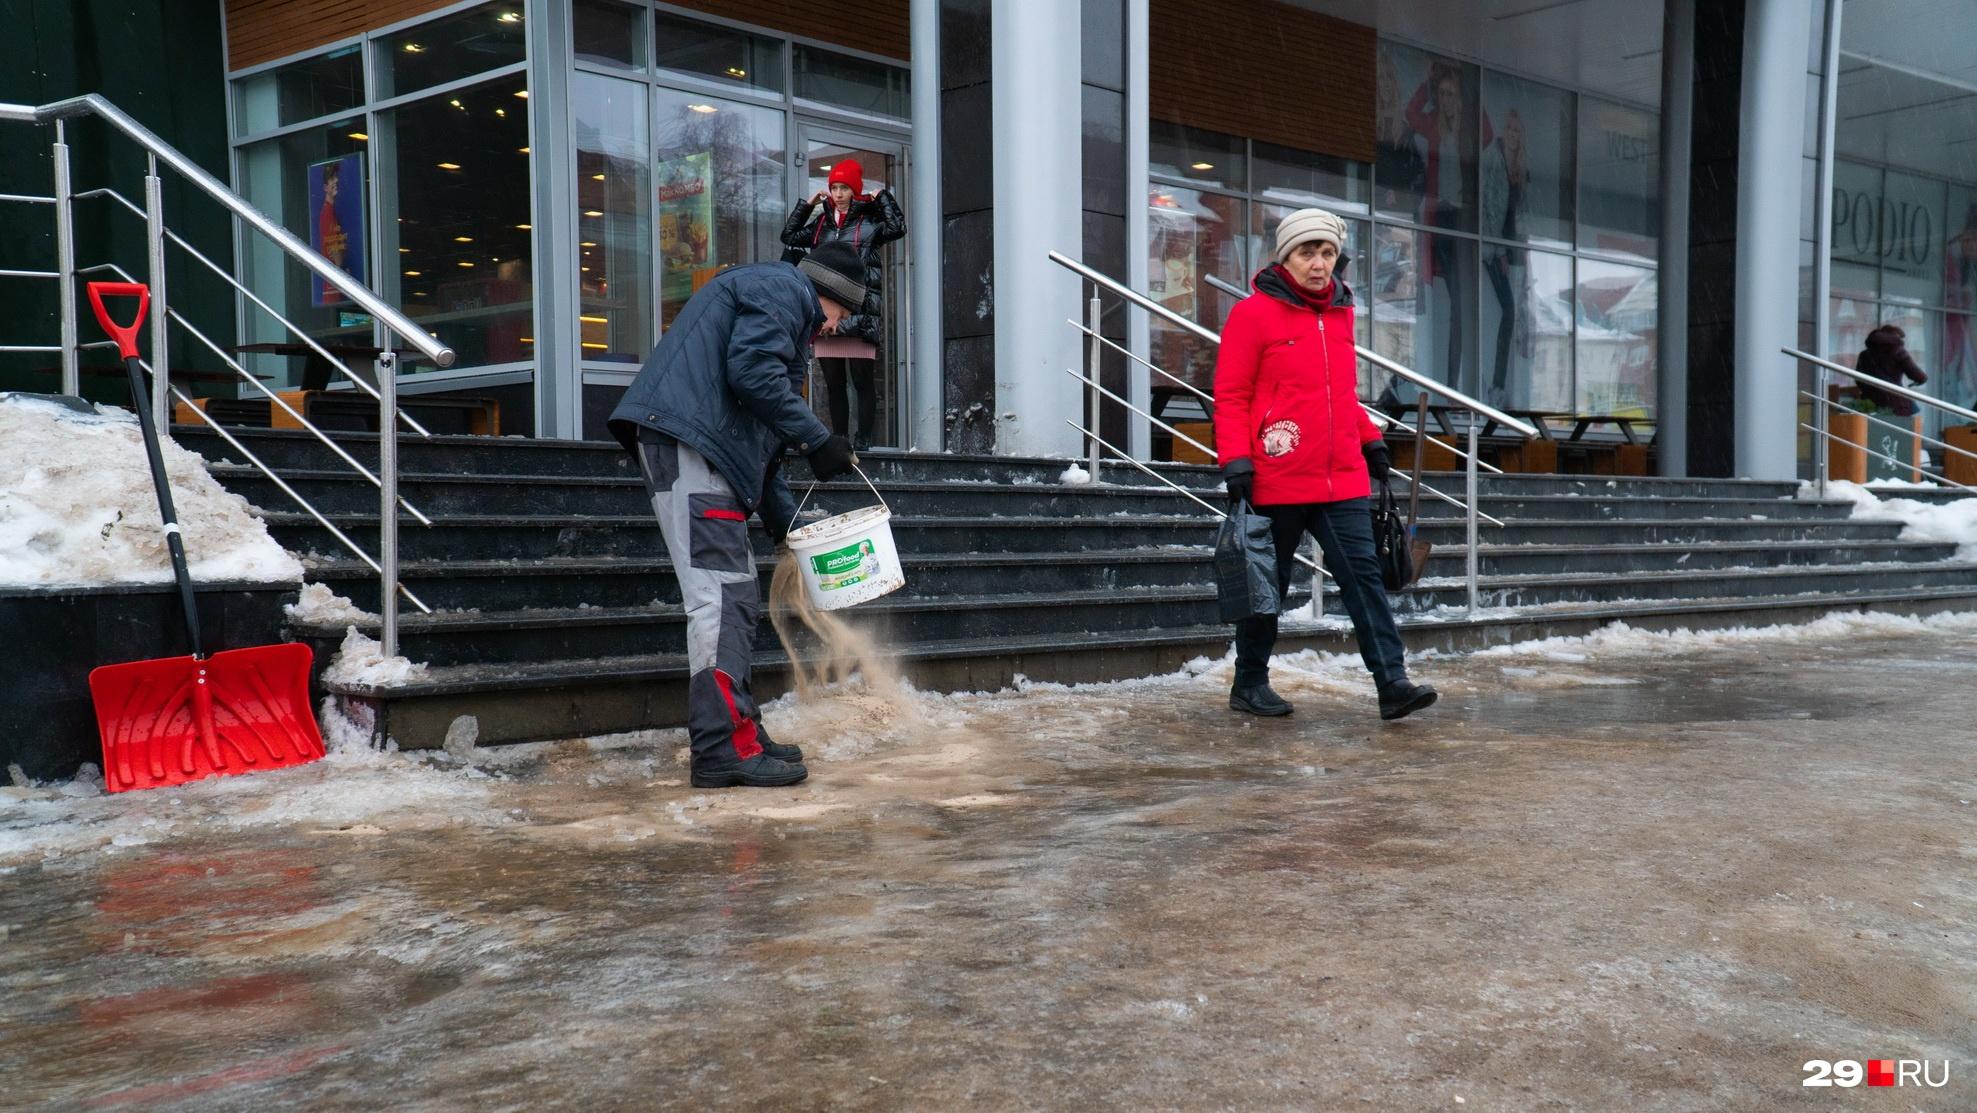 Во время падения на лед в МЧС рекомендуют сгруппироваться и перекатиться — звучит почти как прием ниндзя